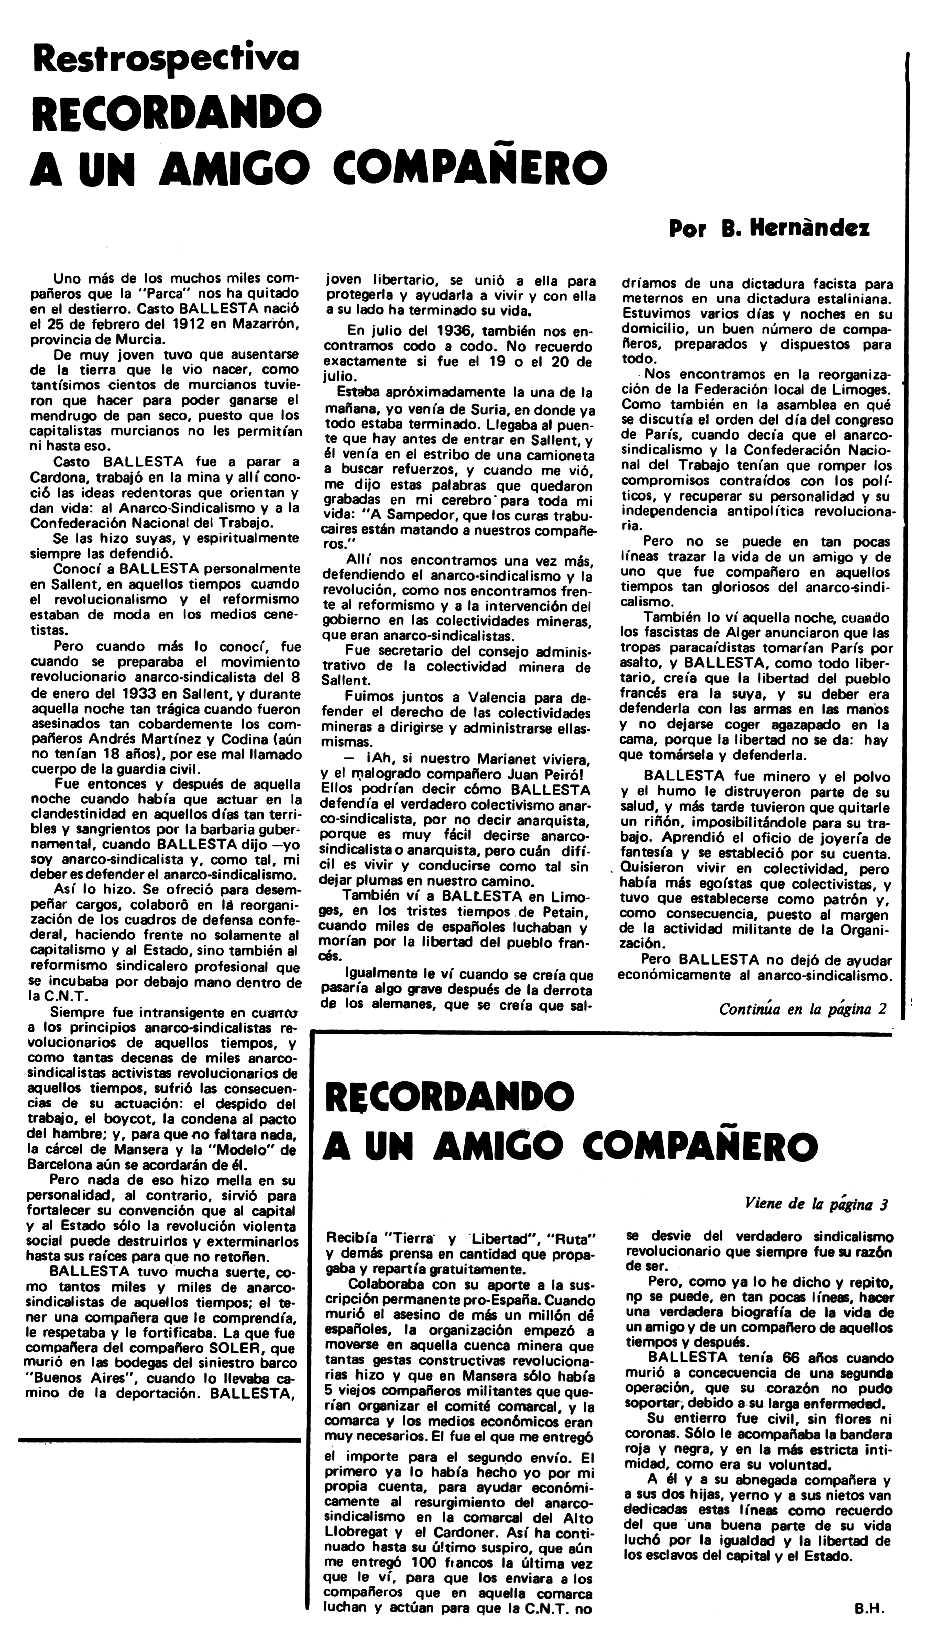 """Necrològica de Casto Ballesta Urrea apareguda en el periòdic tolosà """"Espoir"""" del 16 de desembre de 1979"""